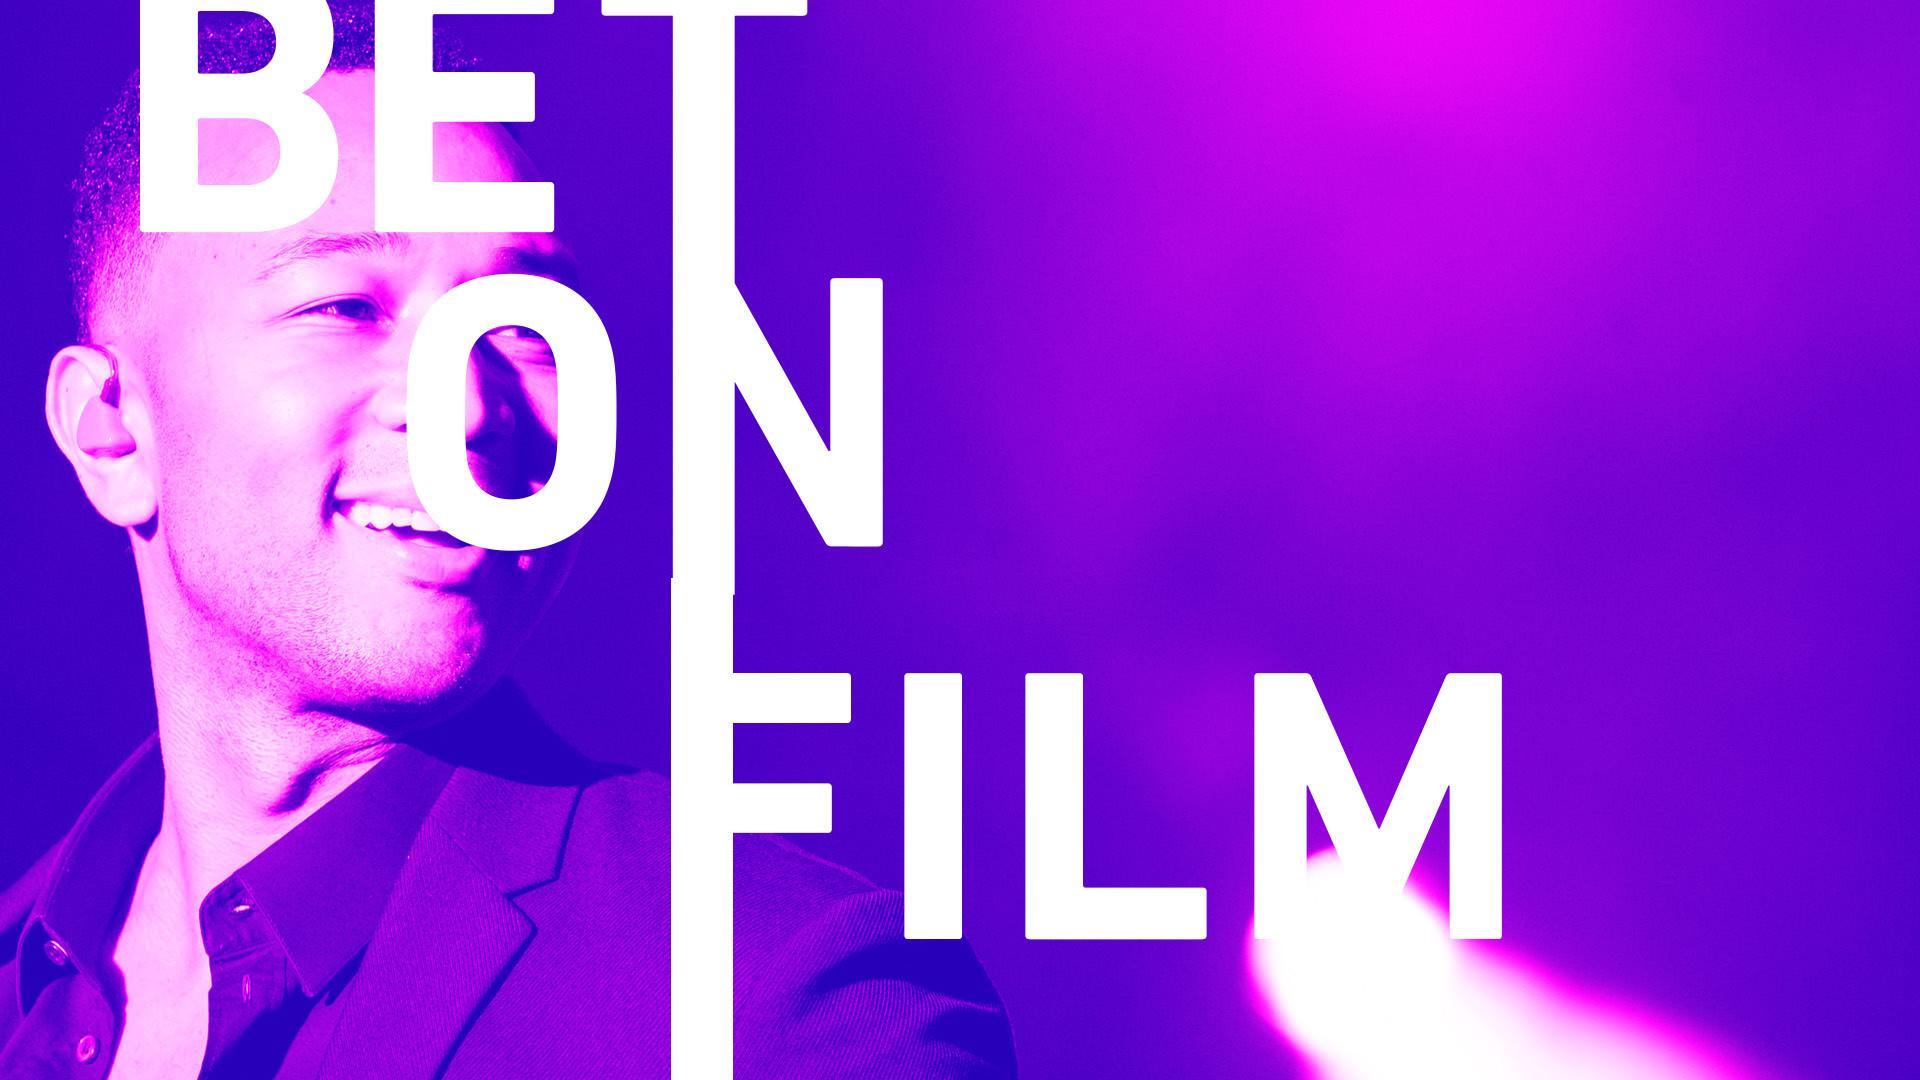 Tribecafilmfestival_Page_07_Image_0001.j